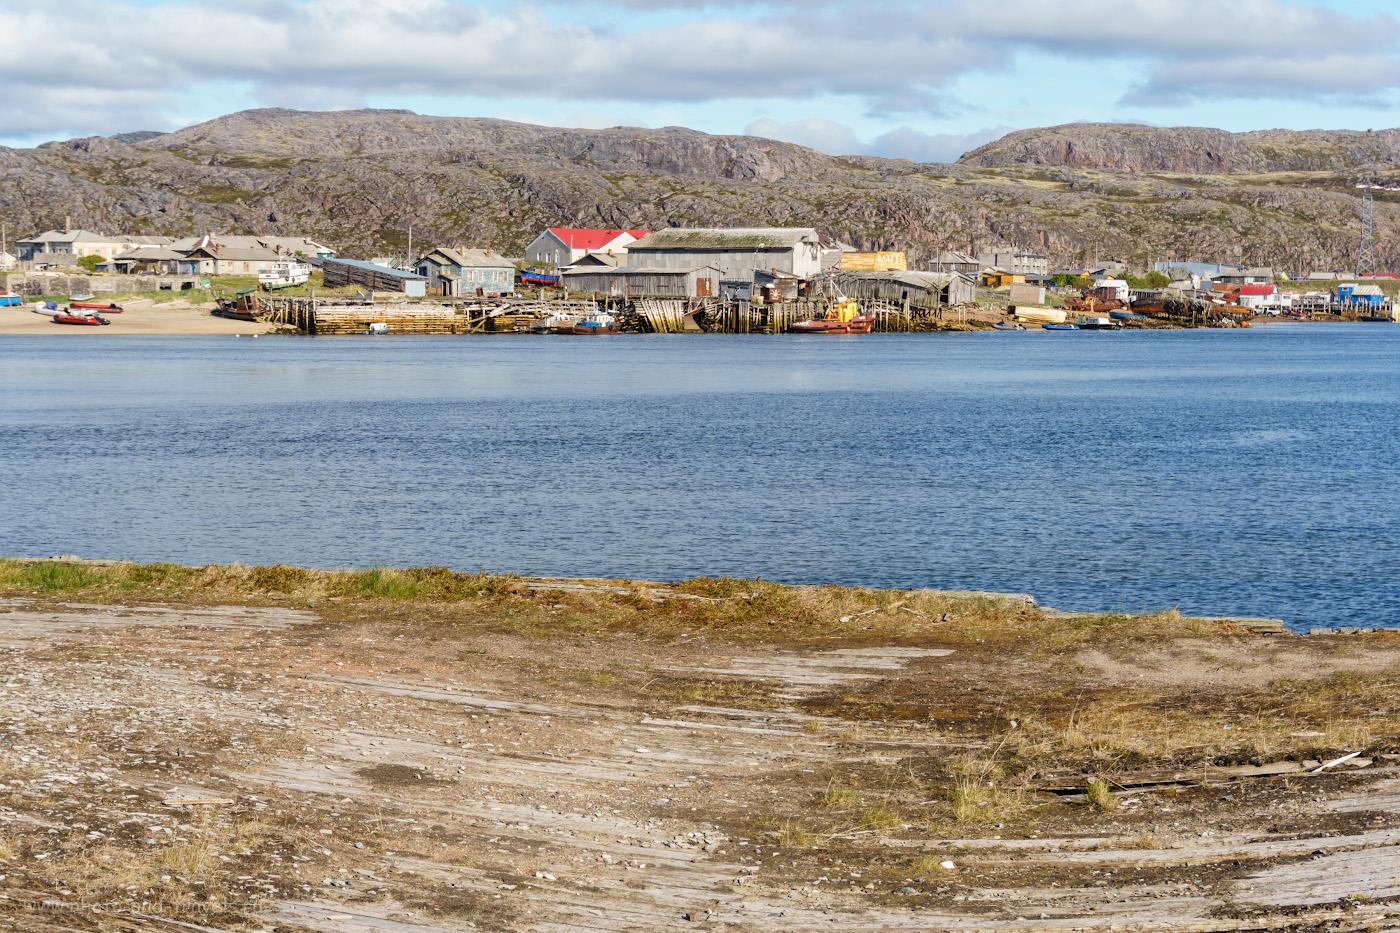 Фотография 10. Поселок Старая Териберка. Вид с кладбища кораблей.